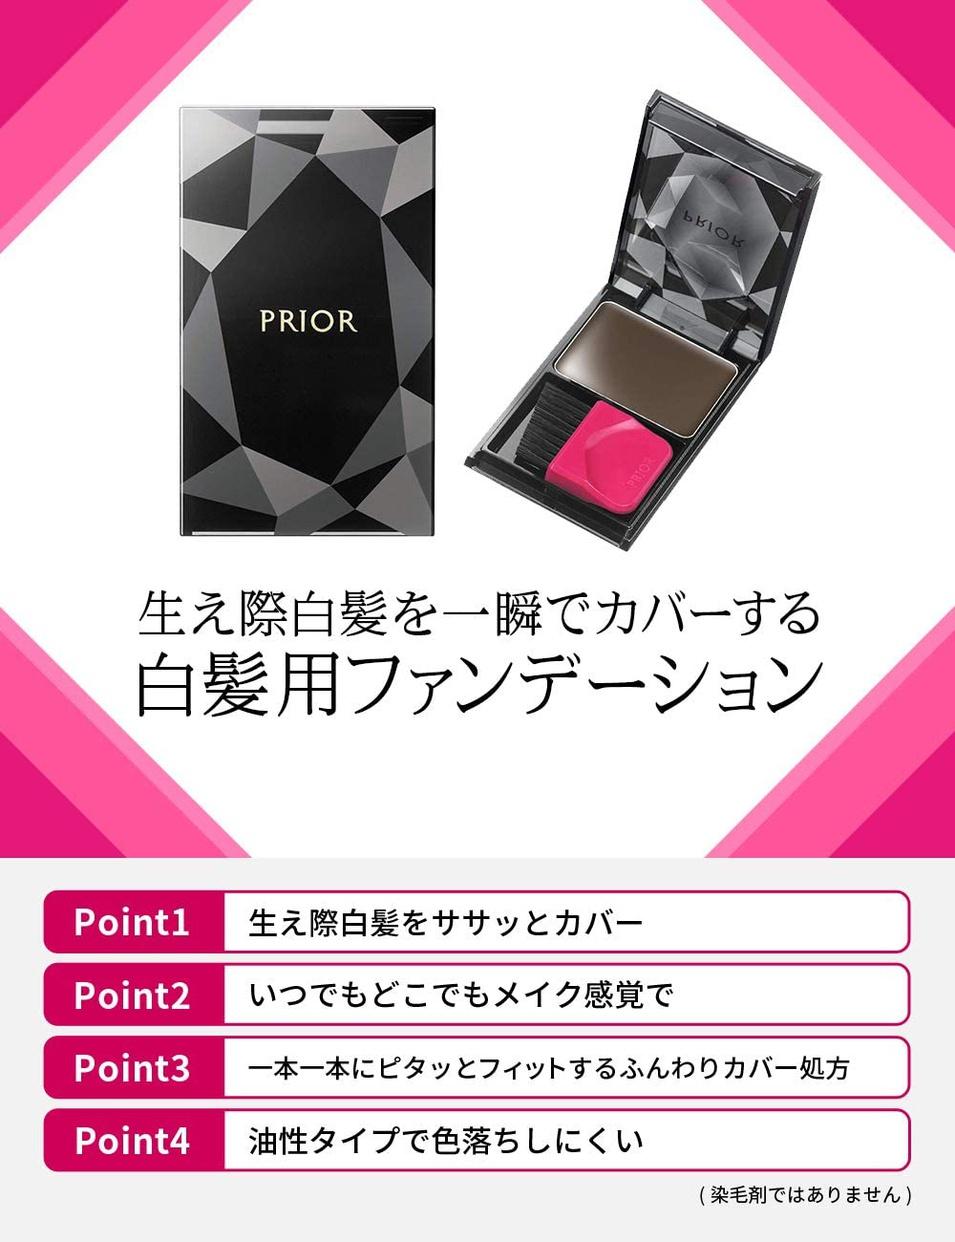 PRIOR(プリオール) ヘア ファンデーションの商品画像3